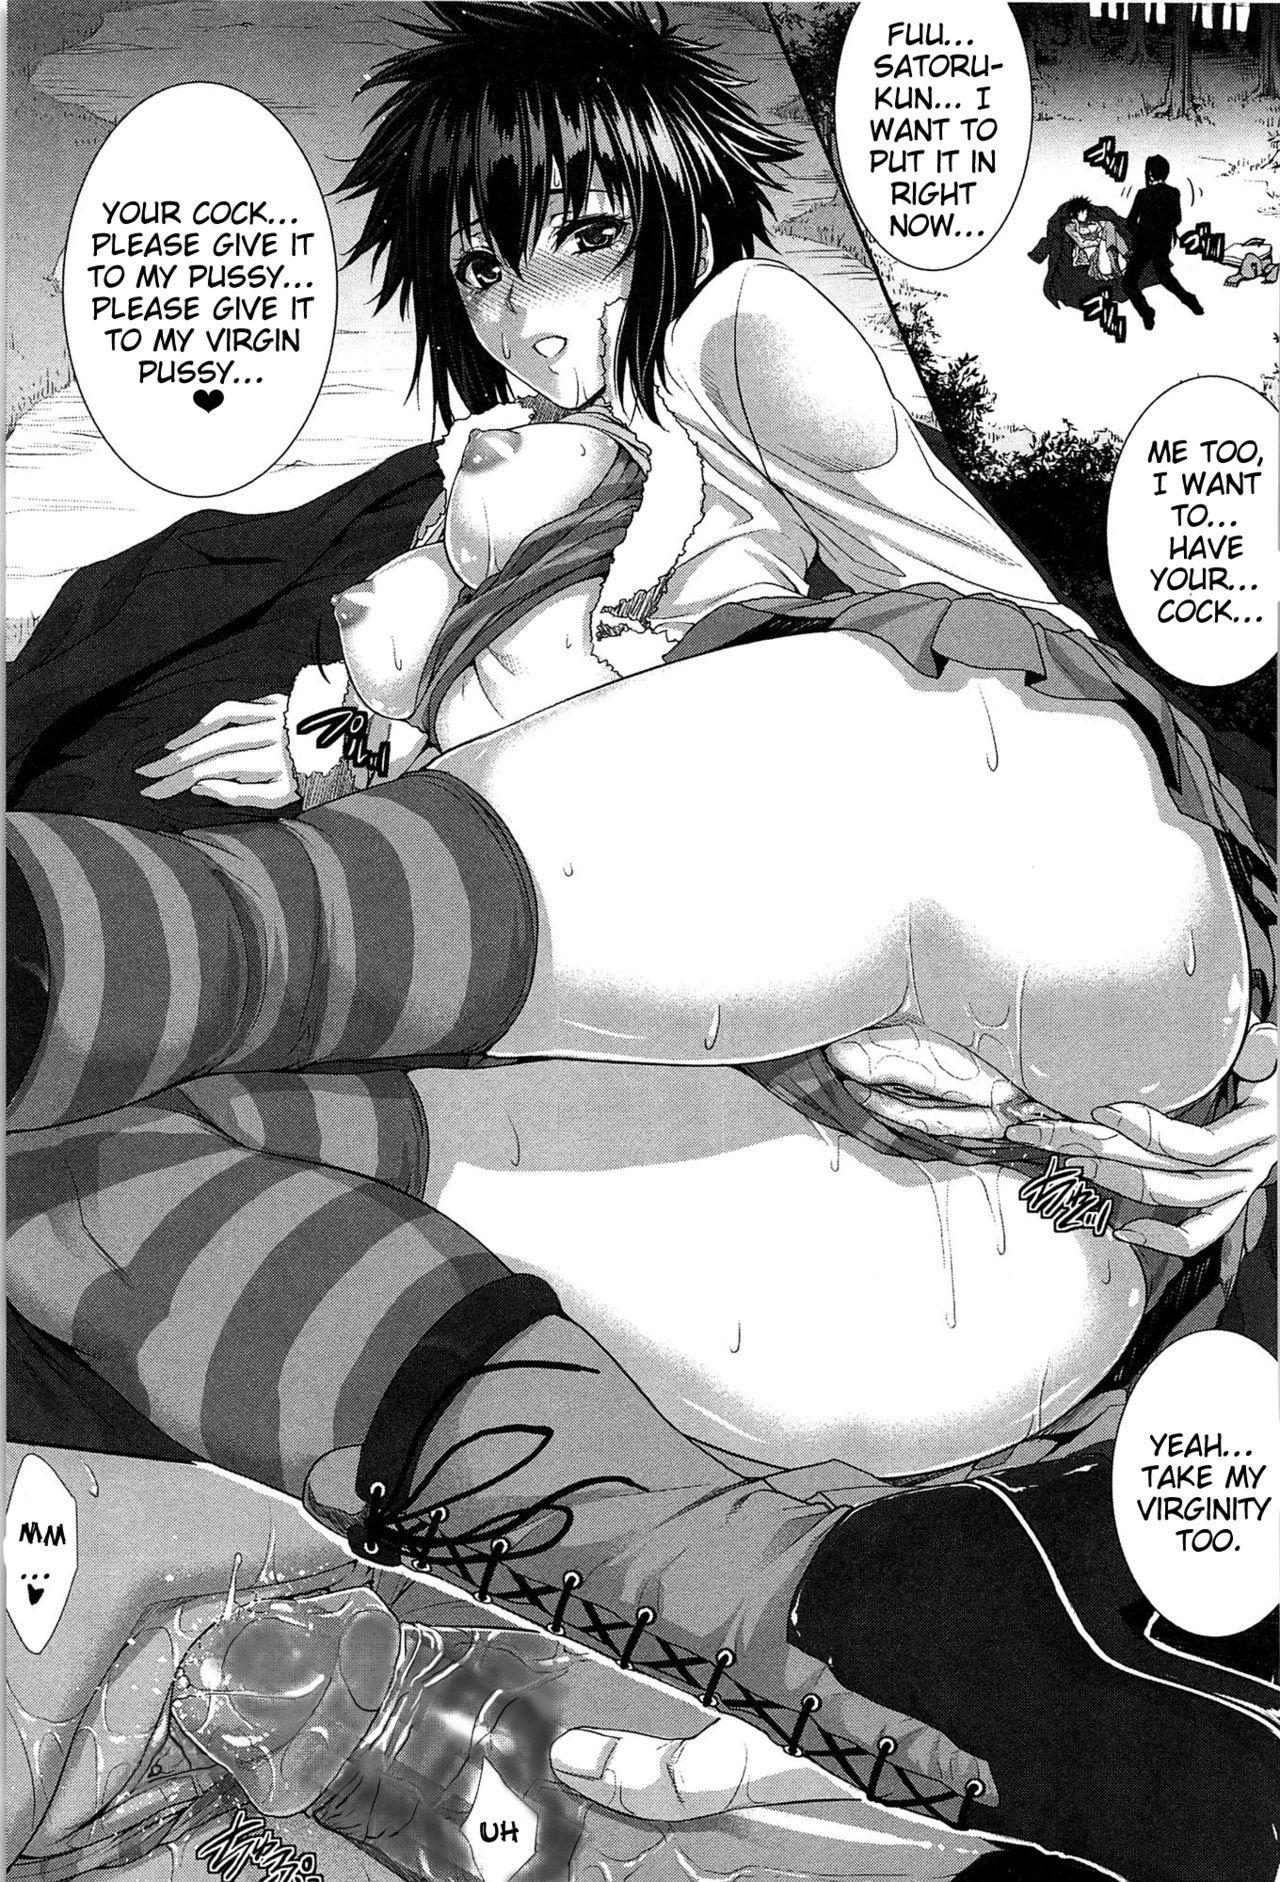 Boku wa Kanojo no Marmot! | I'm Her Guinea Pig Ch. 2 24